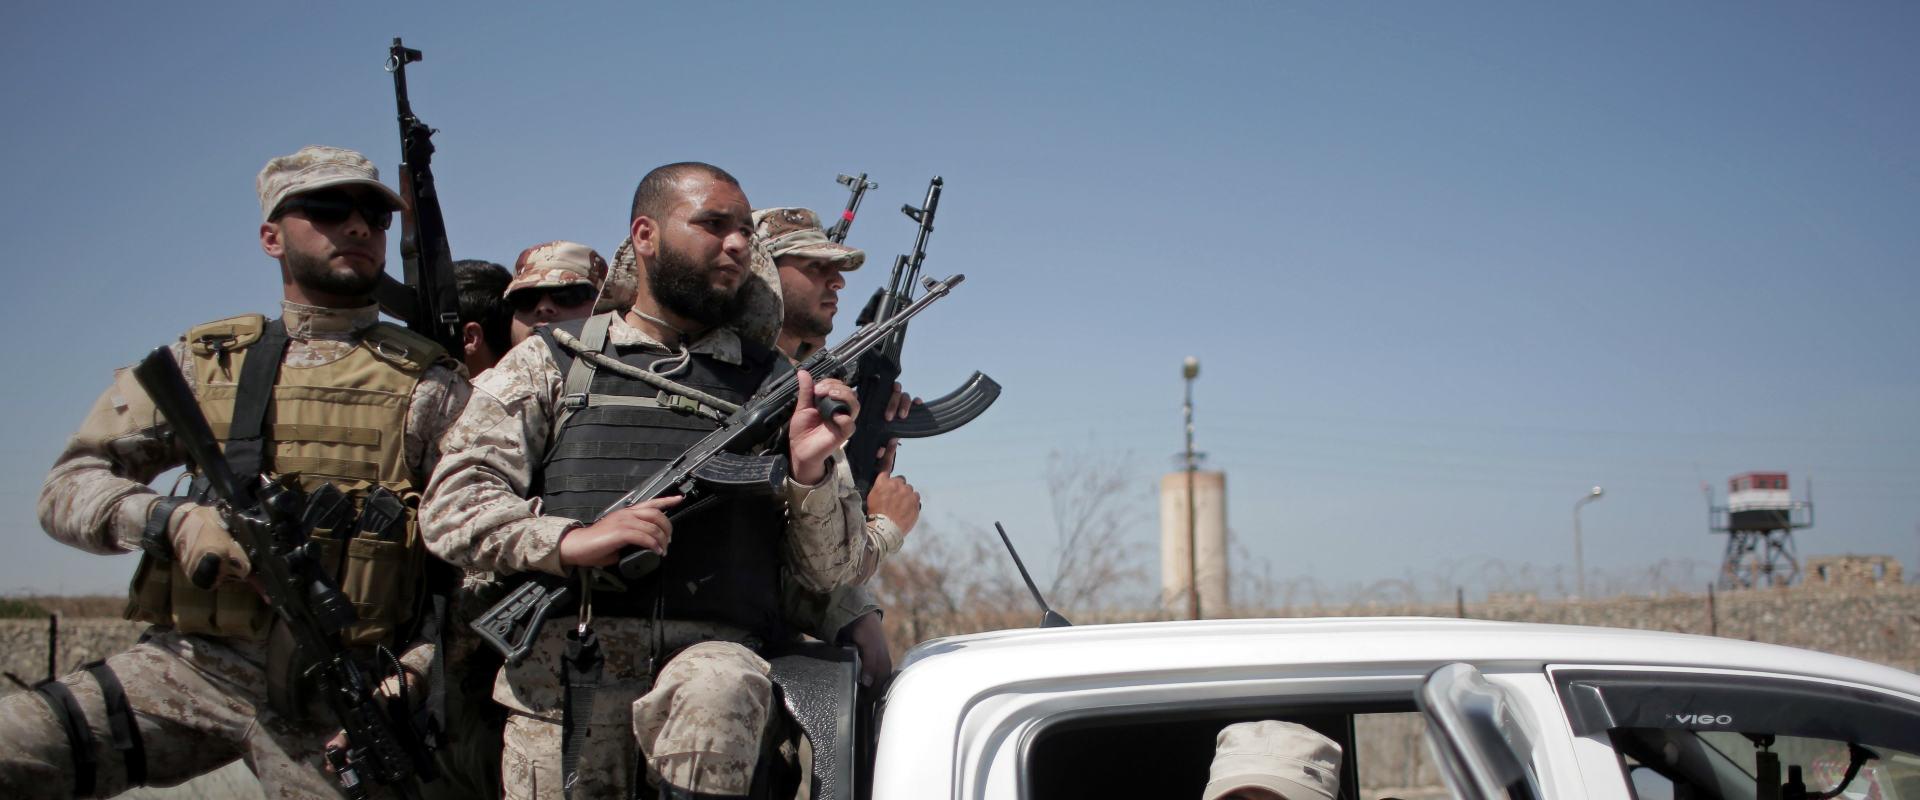 פעילי חמאס במעבר רפיח (ארכיון)